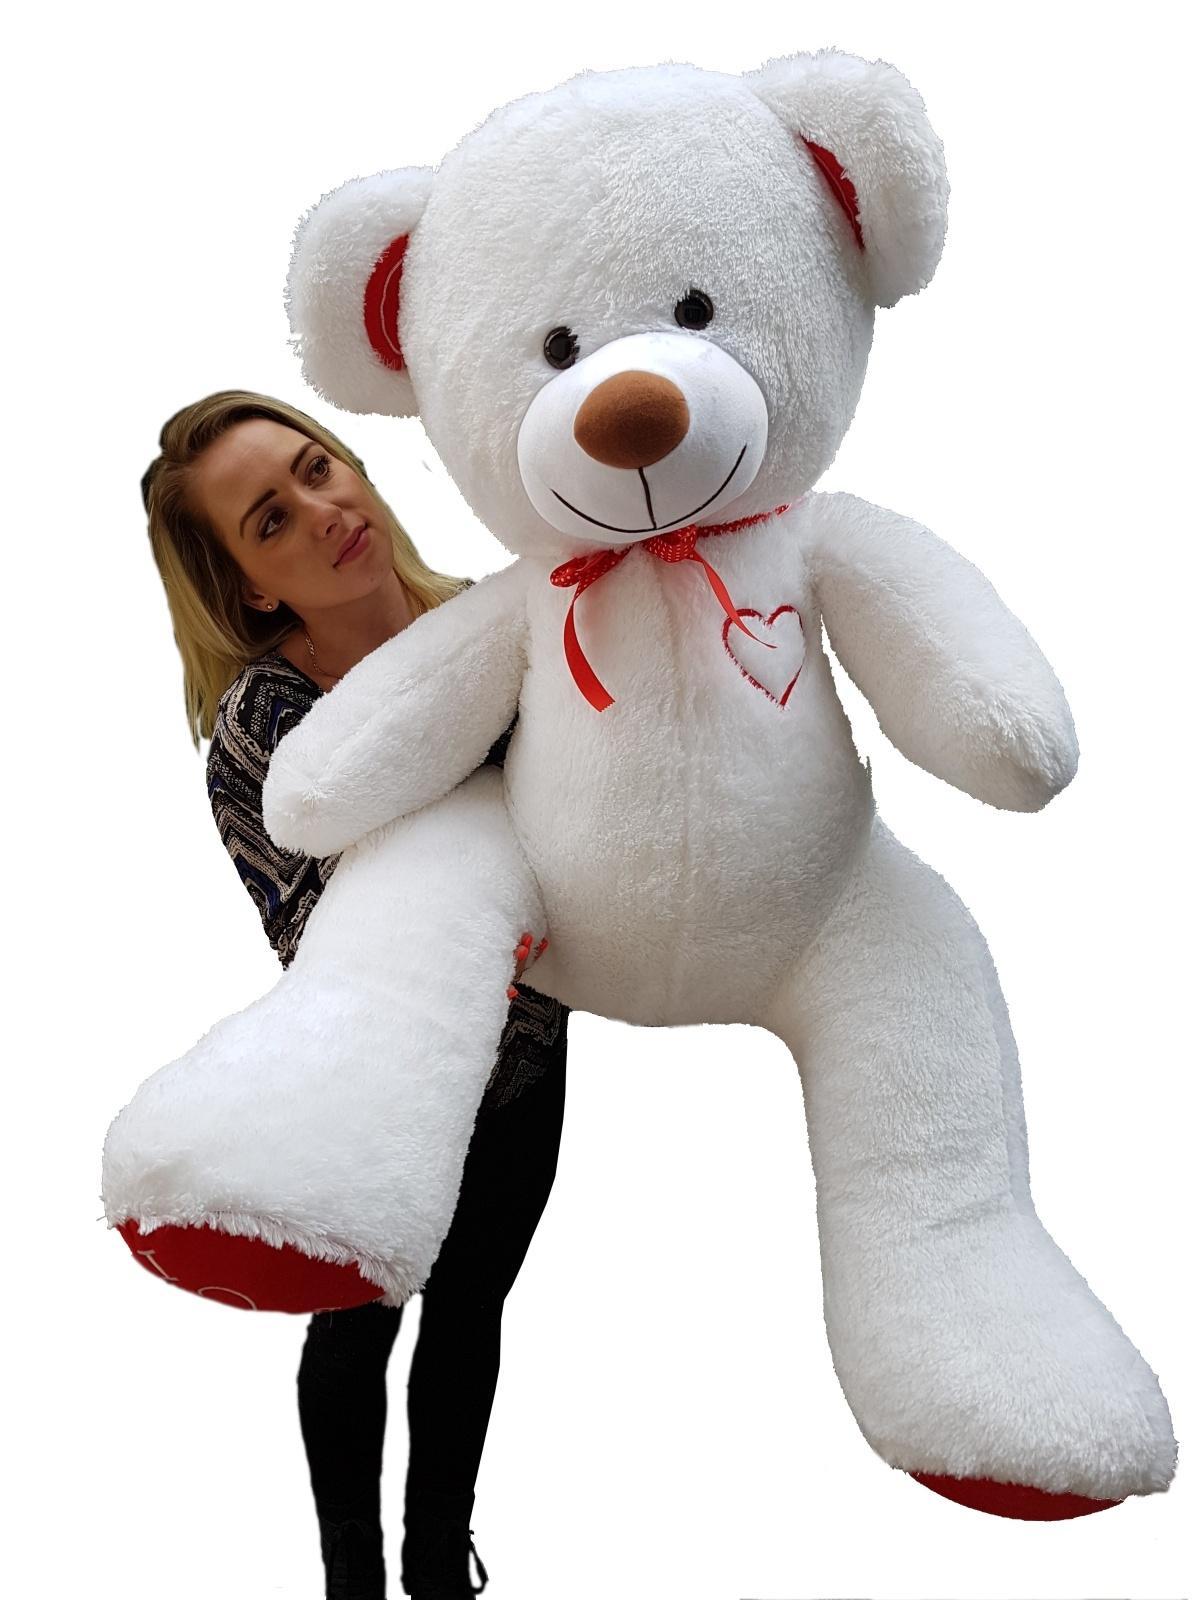 Teddybär Plüschbär Kuscheltier Stofftier Schmusebär Riesen Geschenkidee 160cm weiß-rot-b